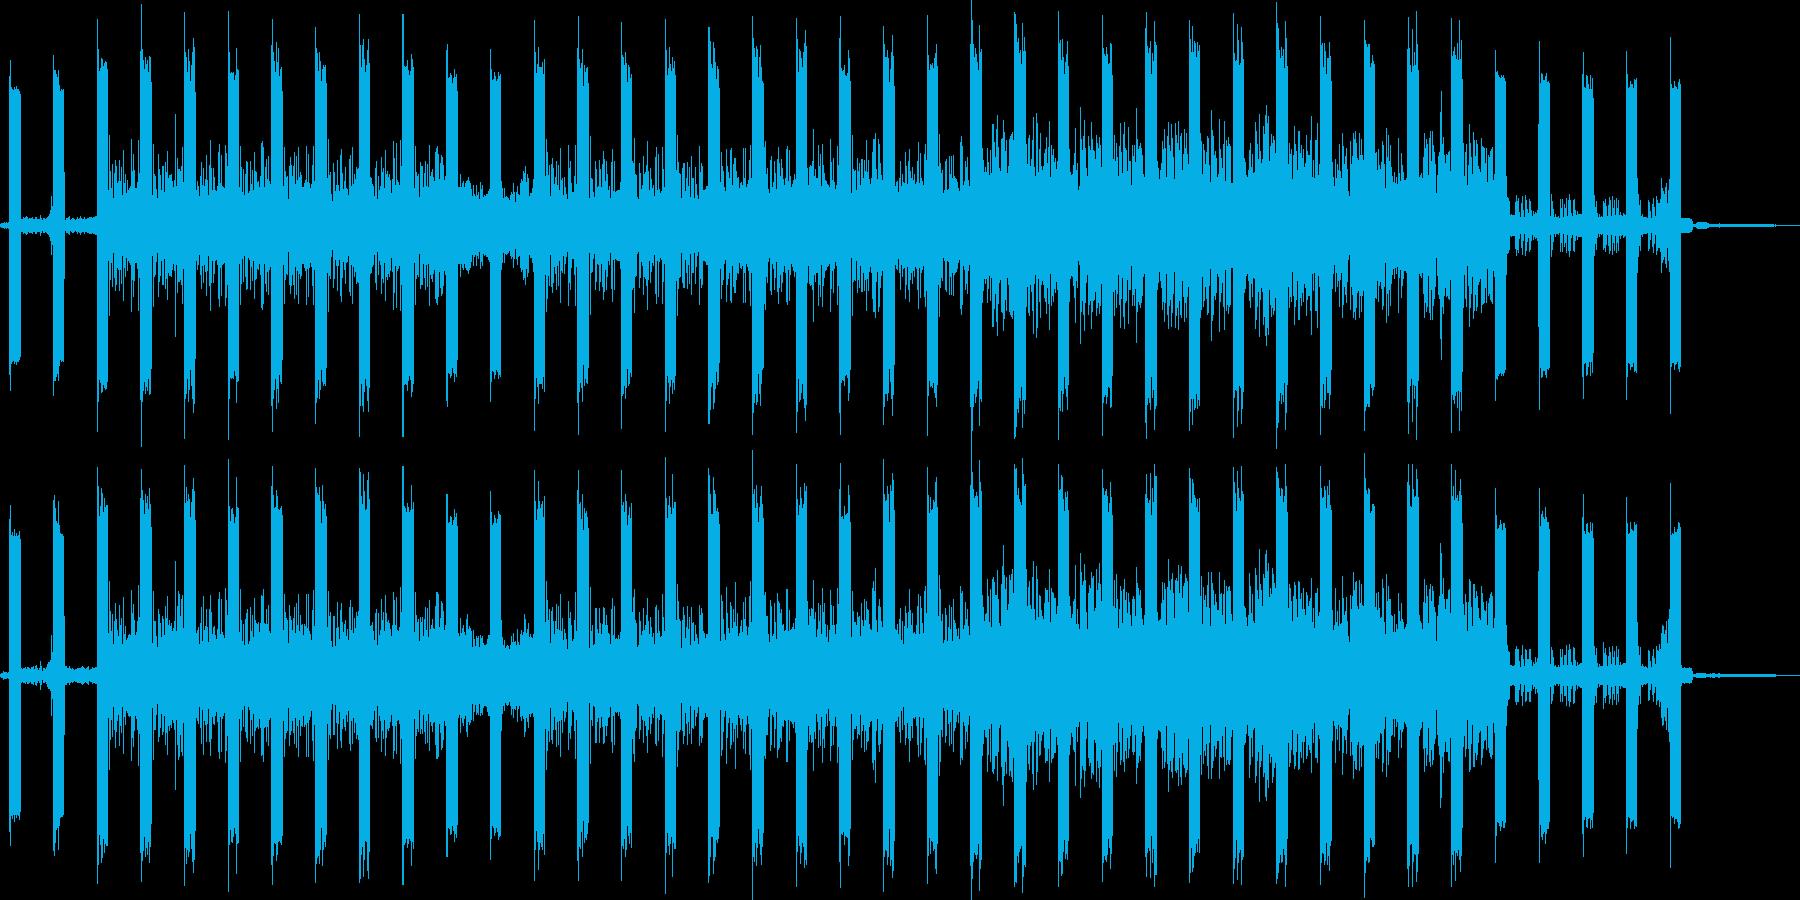 鳥のさえずるダークな森の雰囲気のドラムンの再生済みの波形